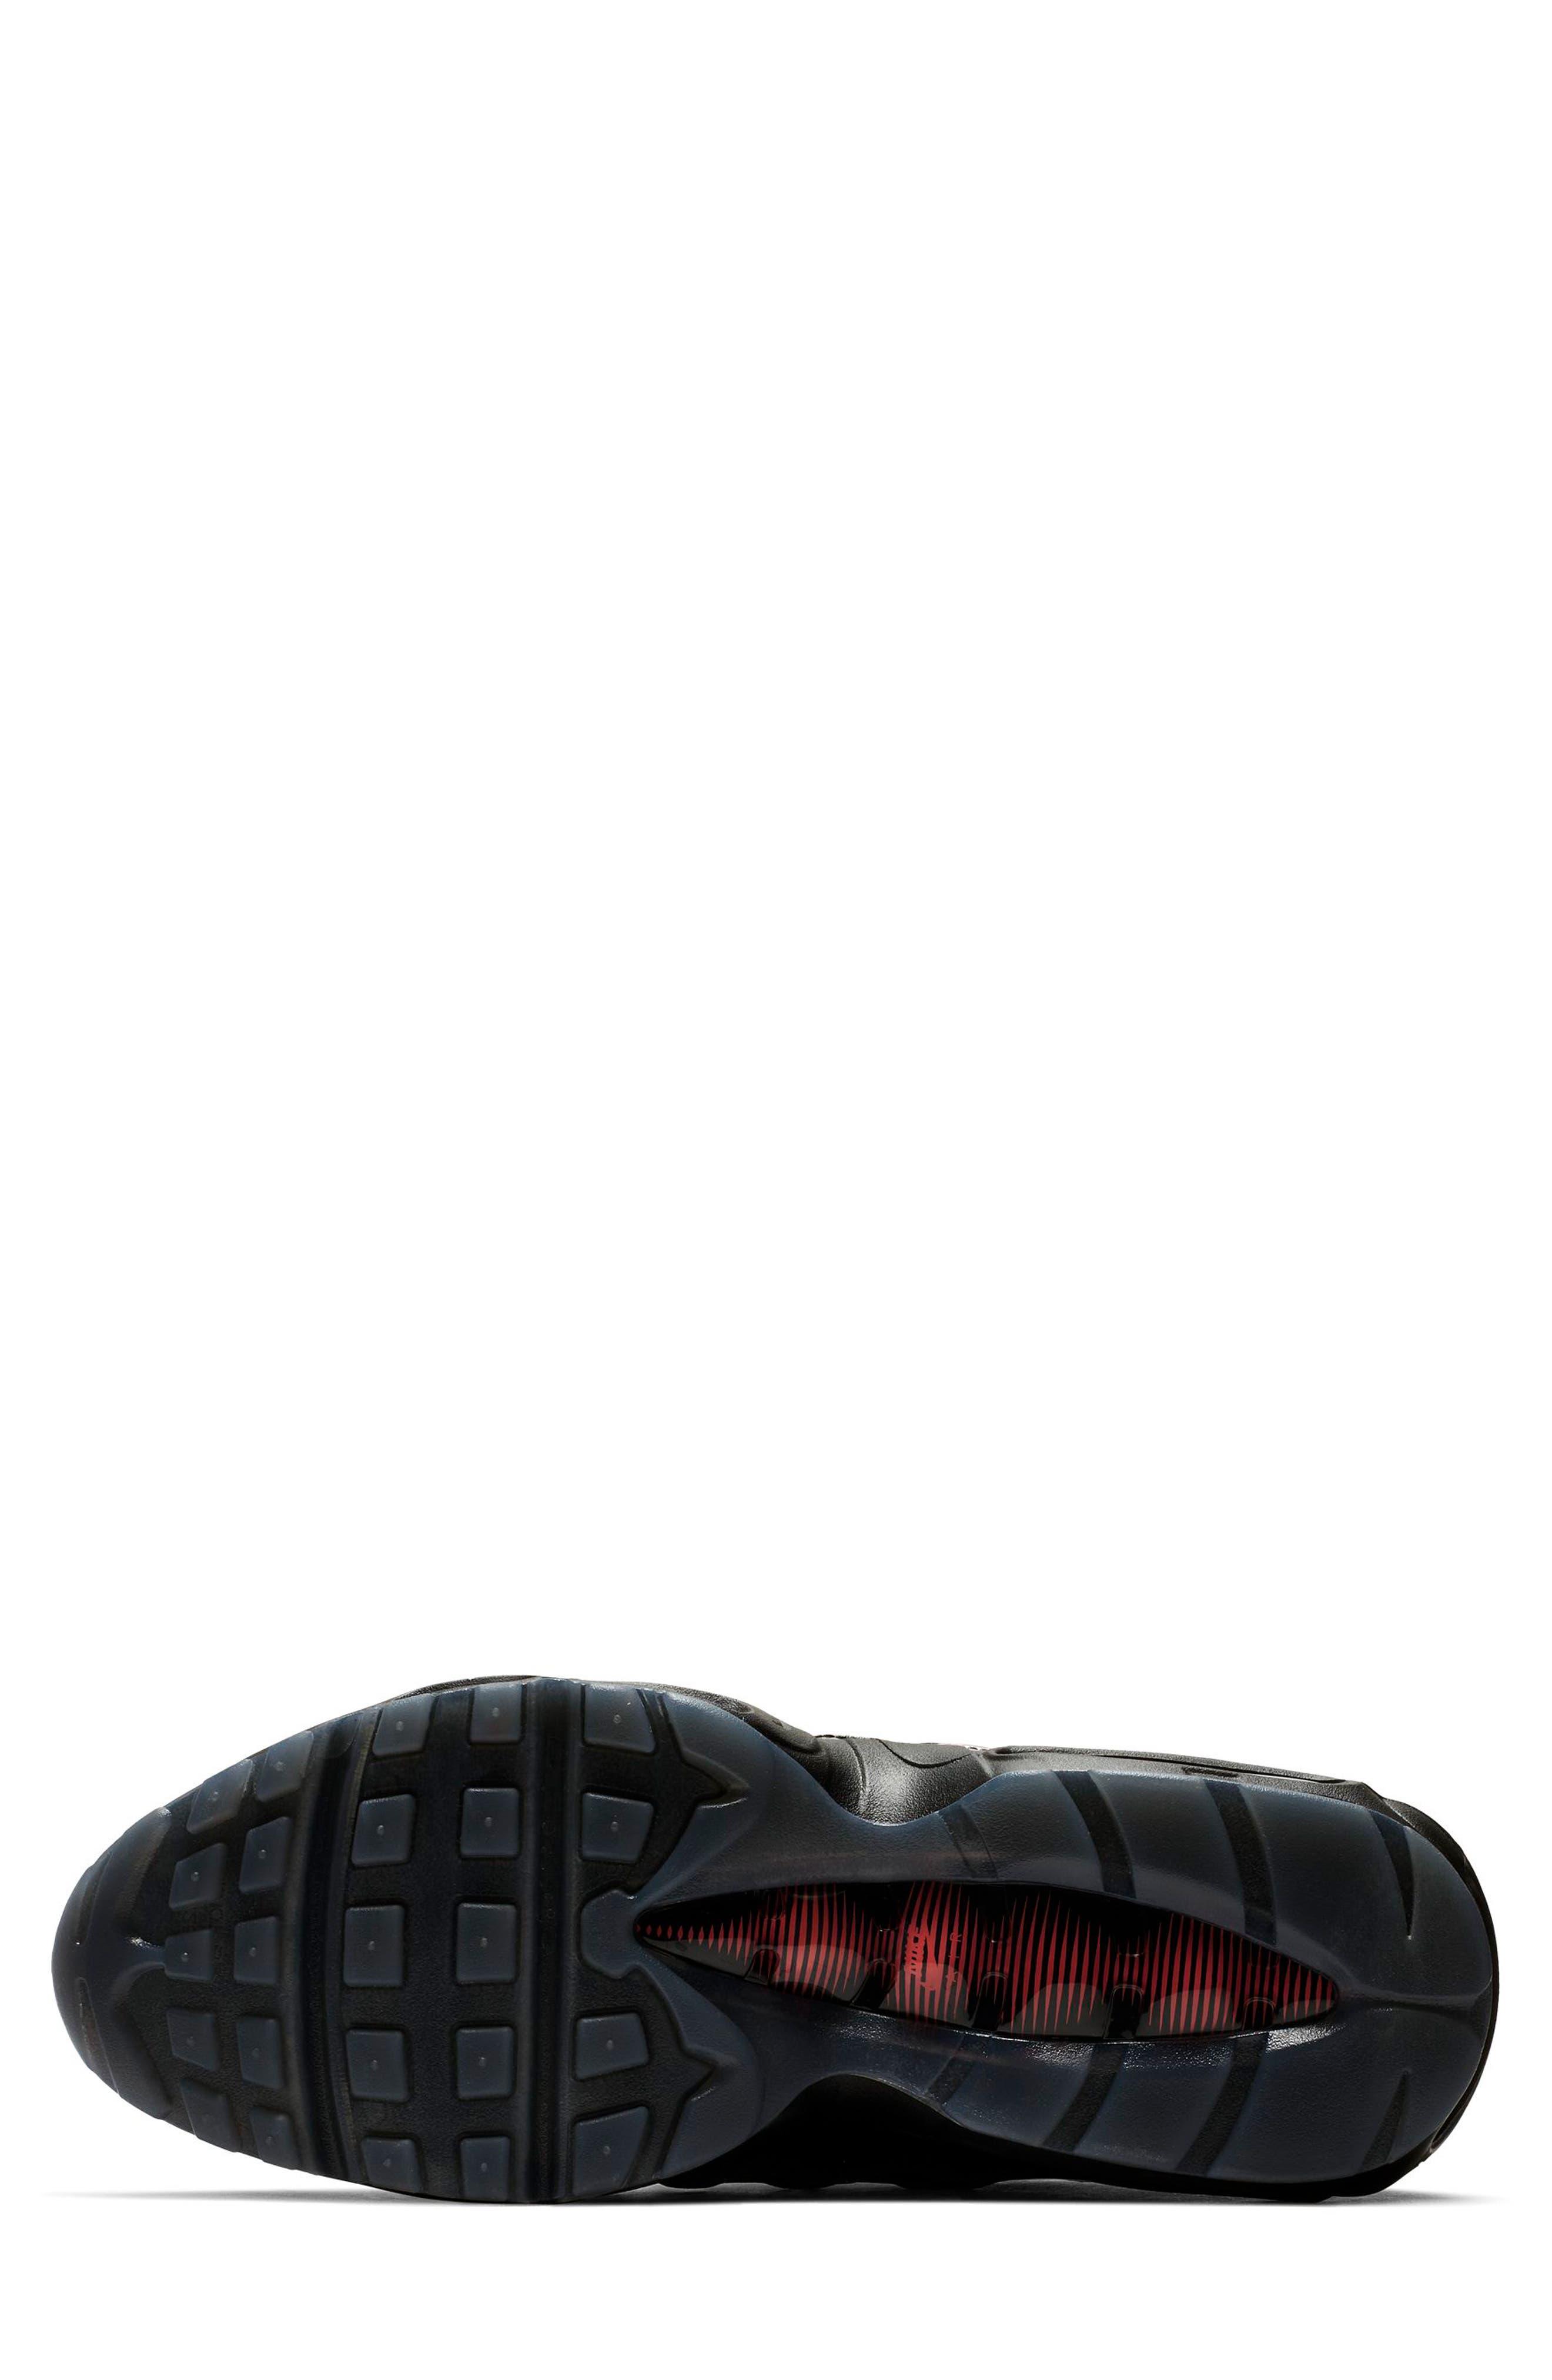 NIKE, Air Max 95 LV8 Sneaker, Alternate thumbnail 5, color, BLACK/ EMBER GLOW/ DARK GREY